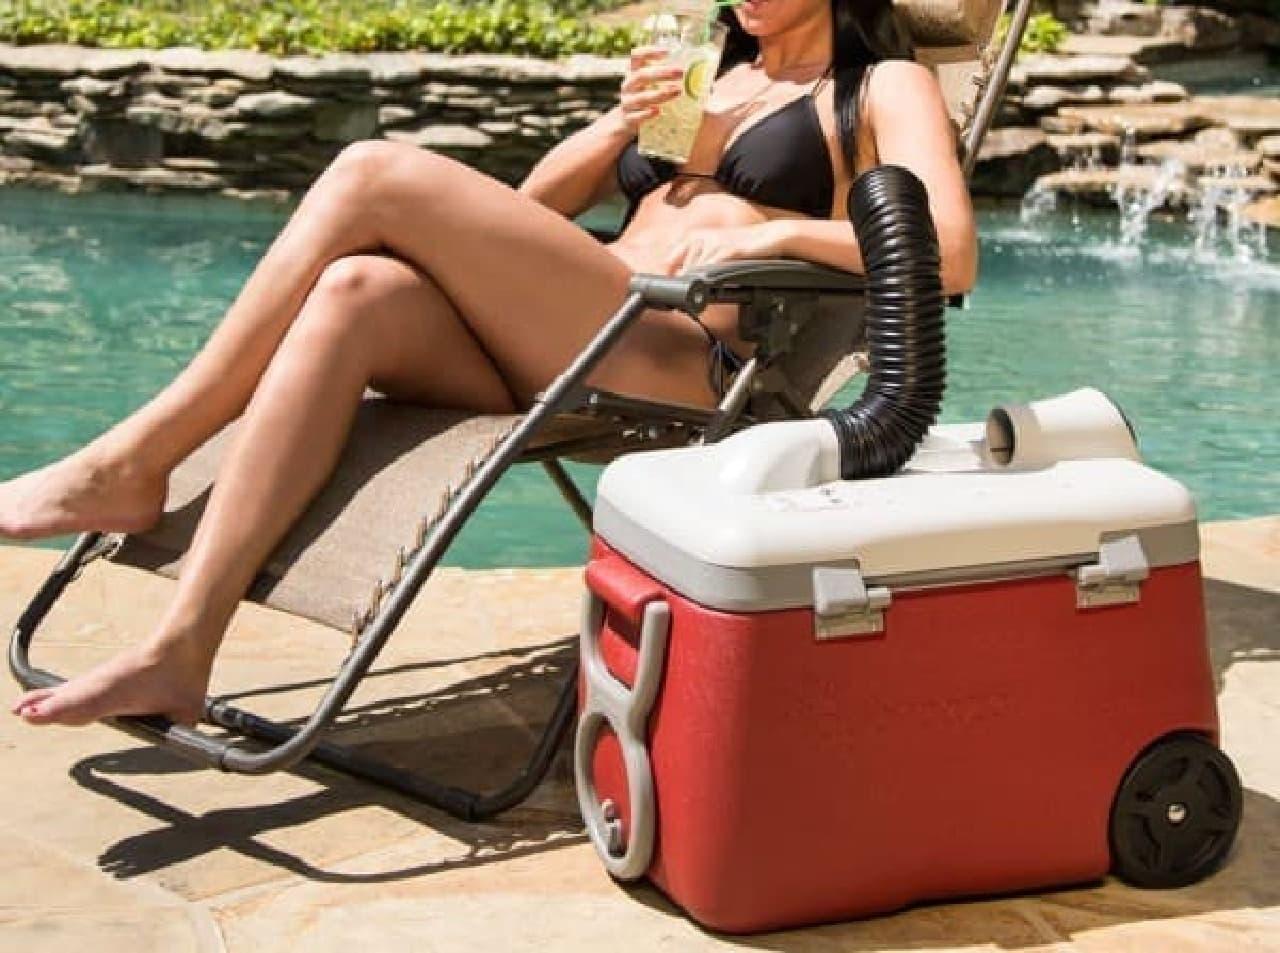 個人用のクーラー「Icybreeze Cooler」  庭のプールにぴったりです